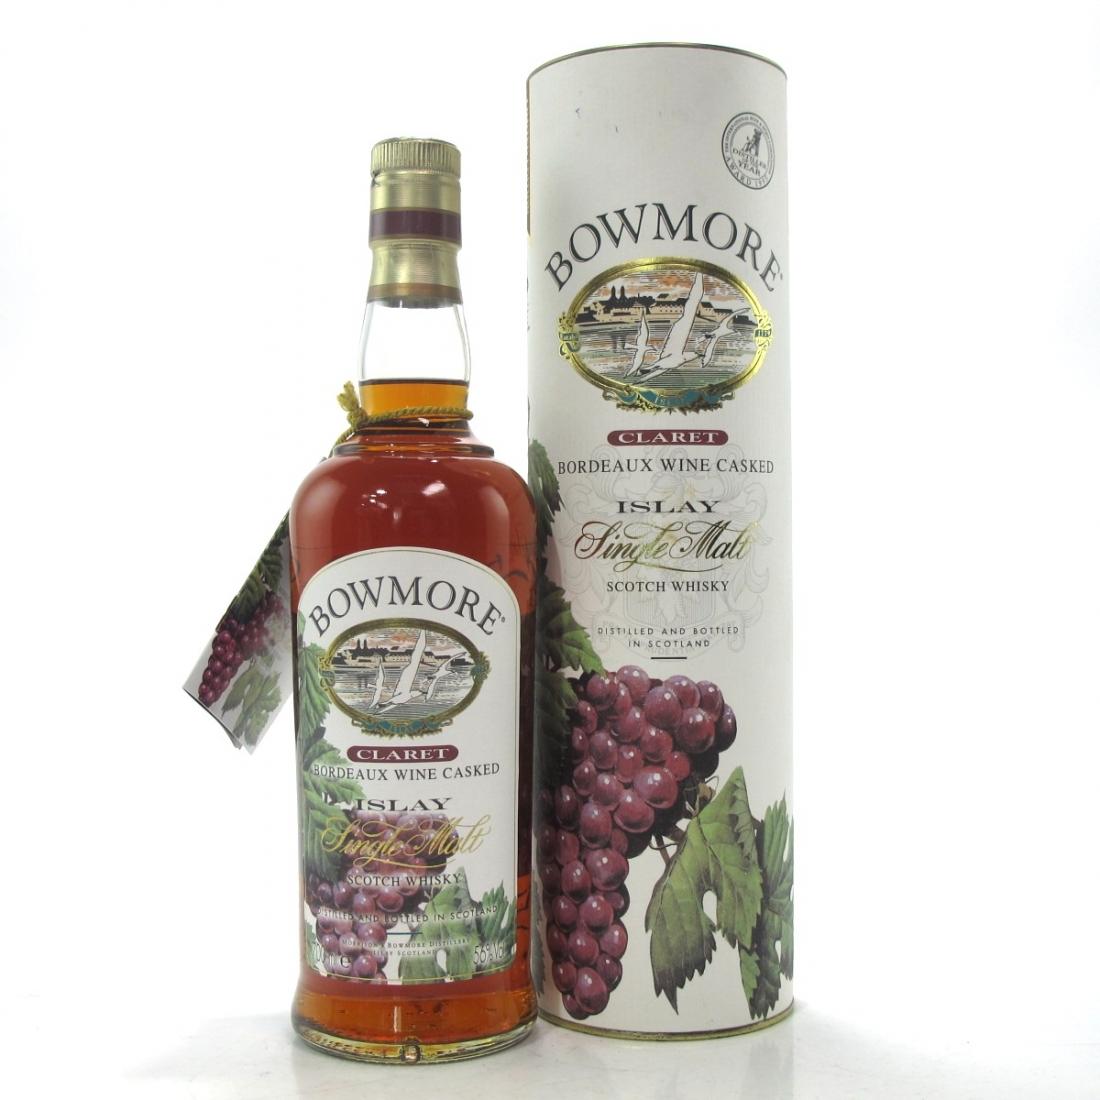 Bowmore Claret Bordeaux Wine Cask